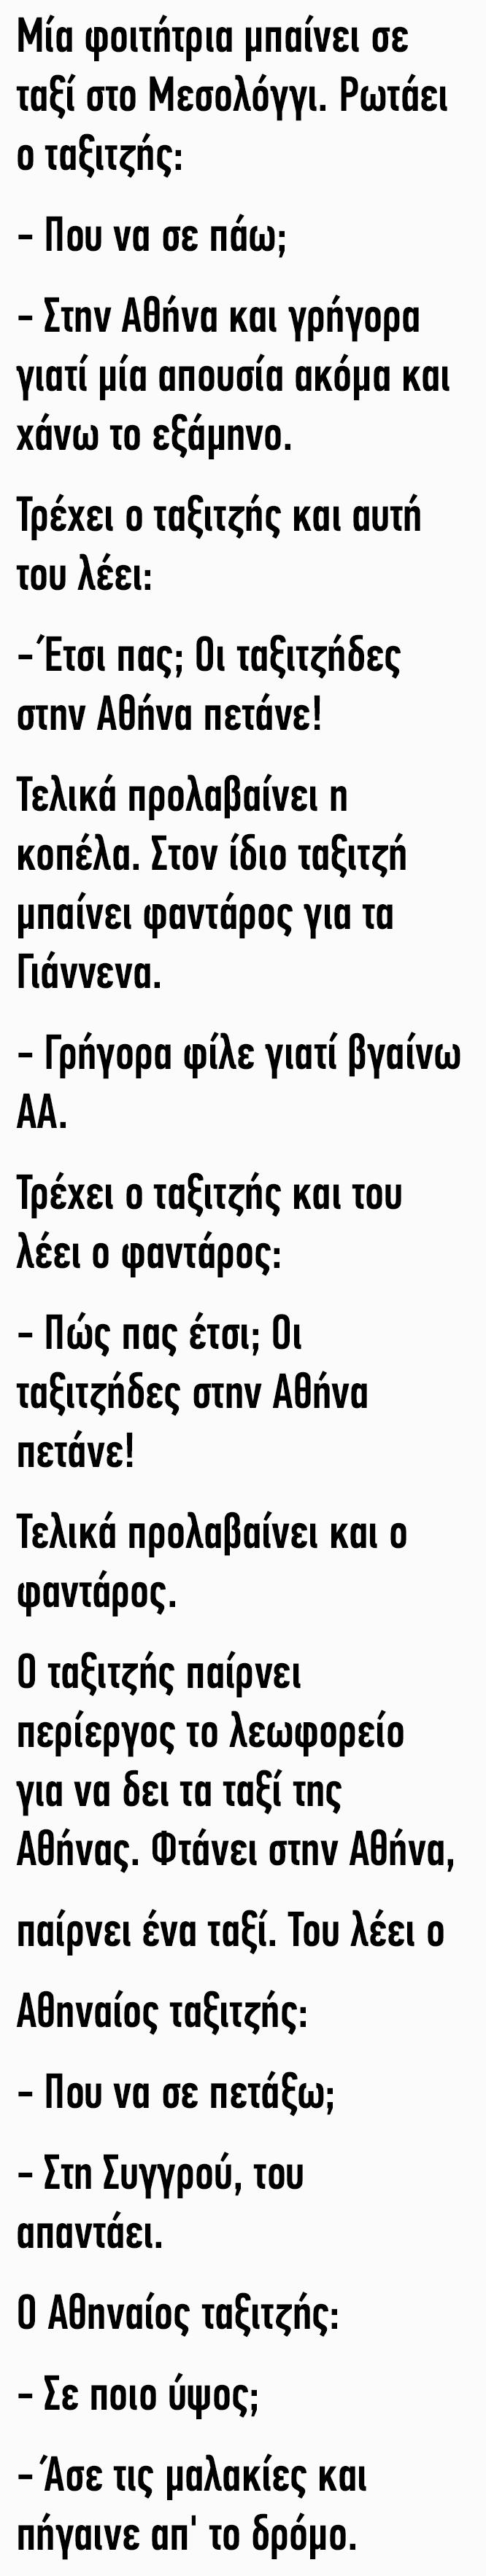 anekdoto fitittria1